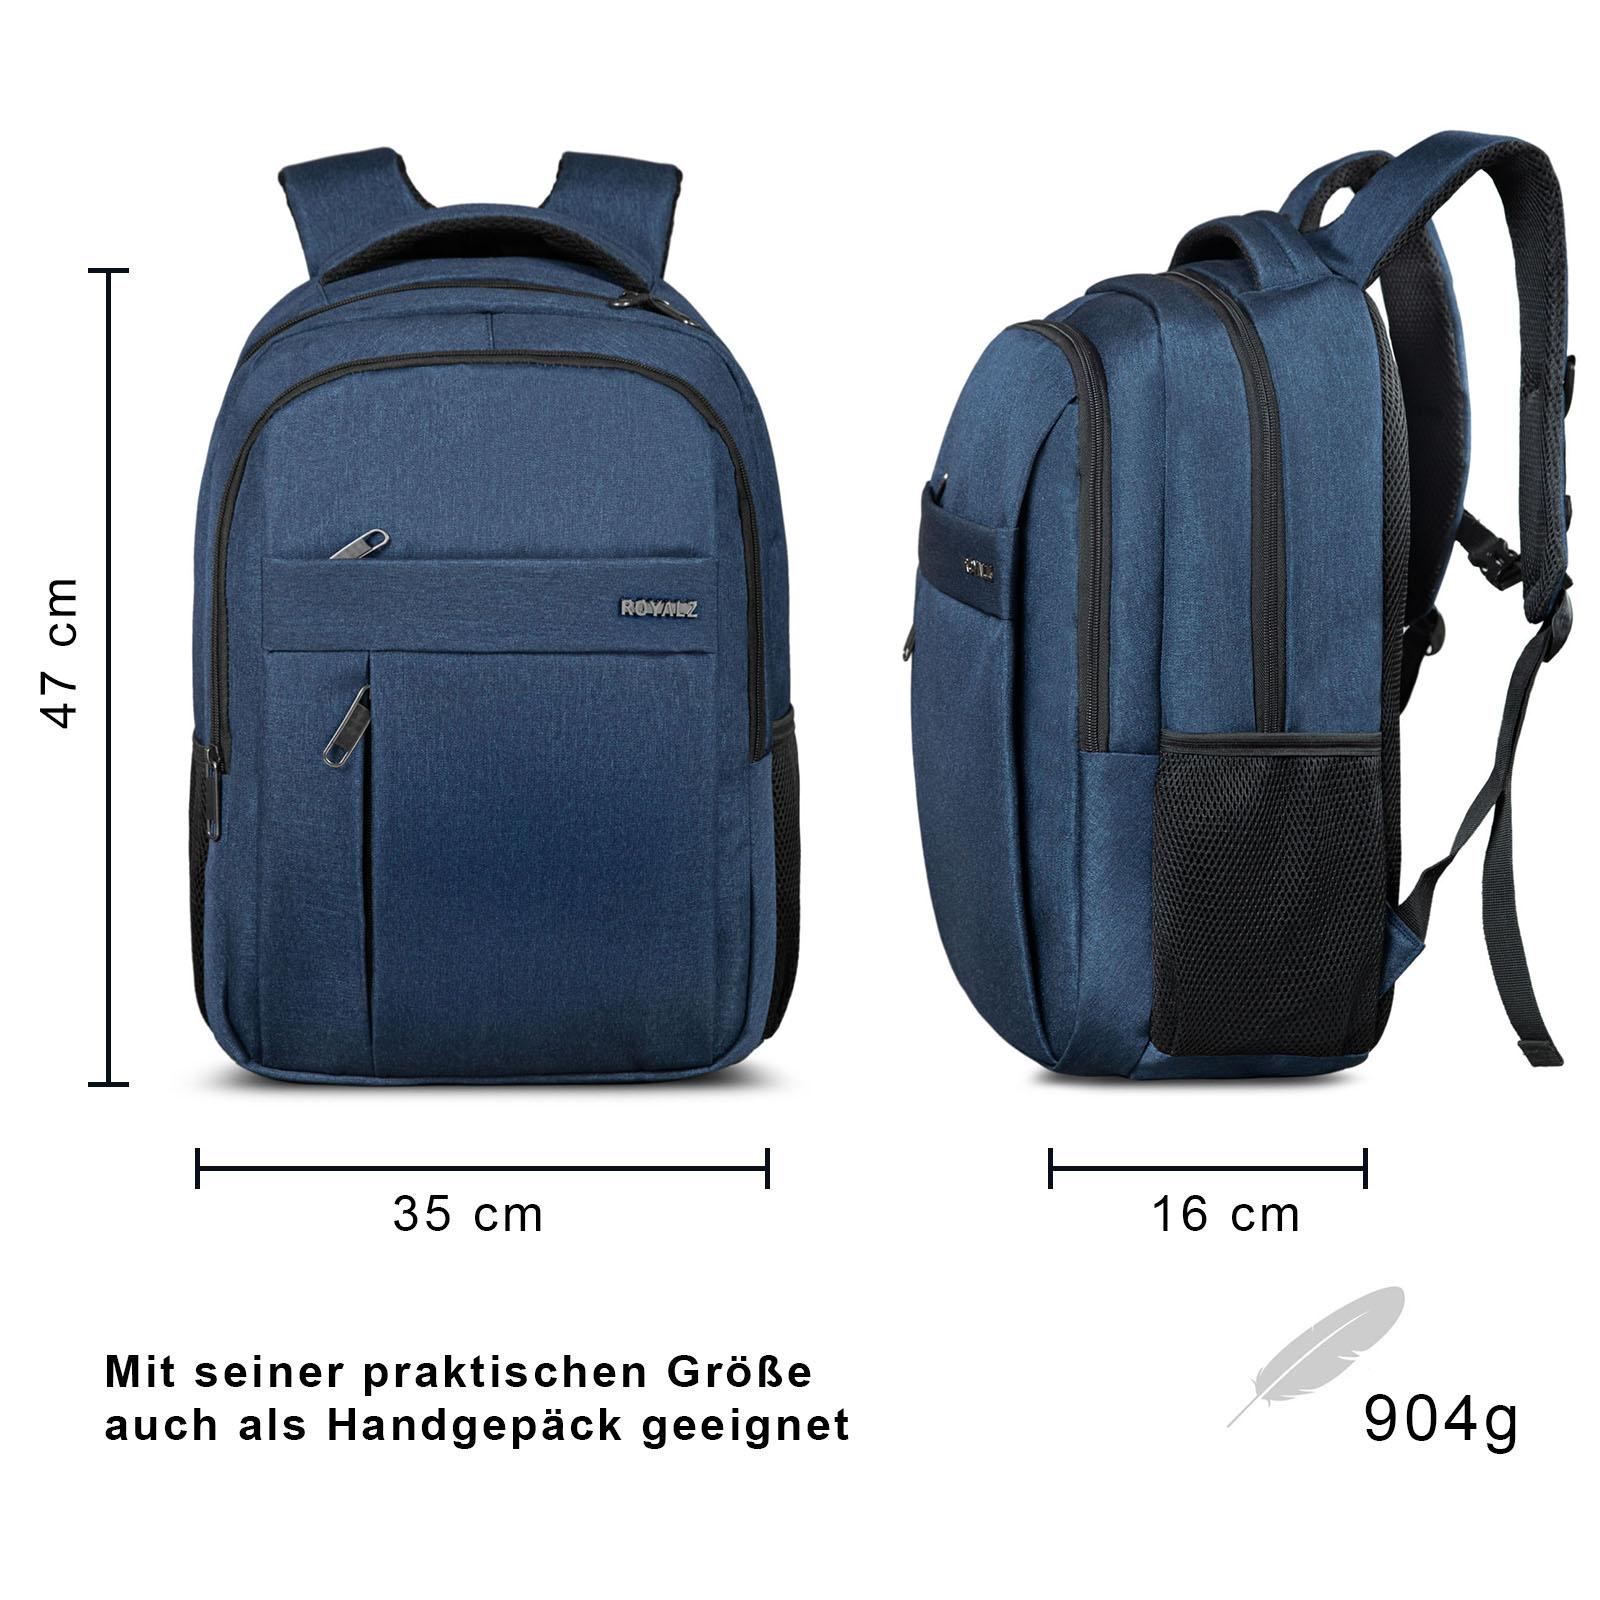 ROYALZ Laptop Rucksack mit 15,6 Zoll Laptopfach Daypack Schule und Business Tasche Geräumig für Arbeit Uni Freizeit